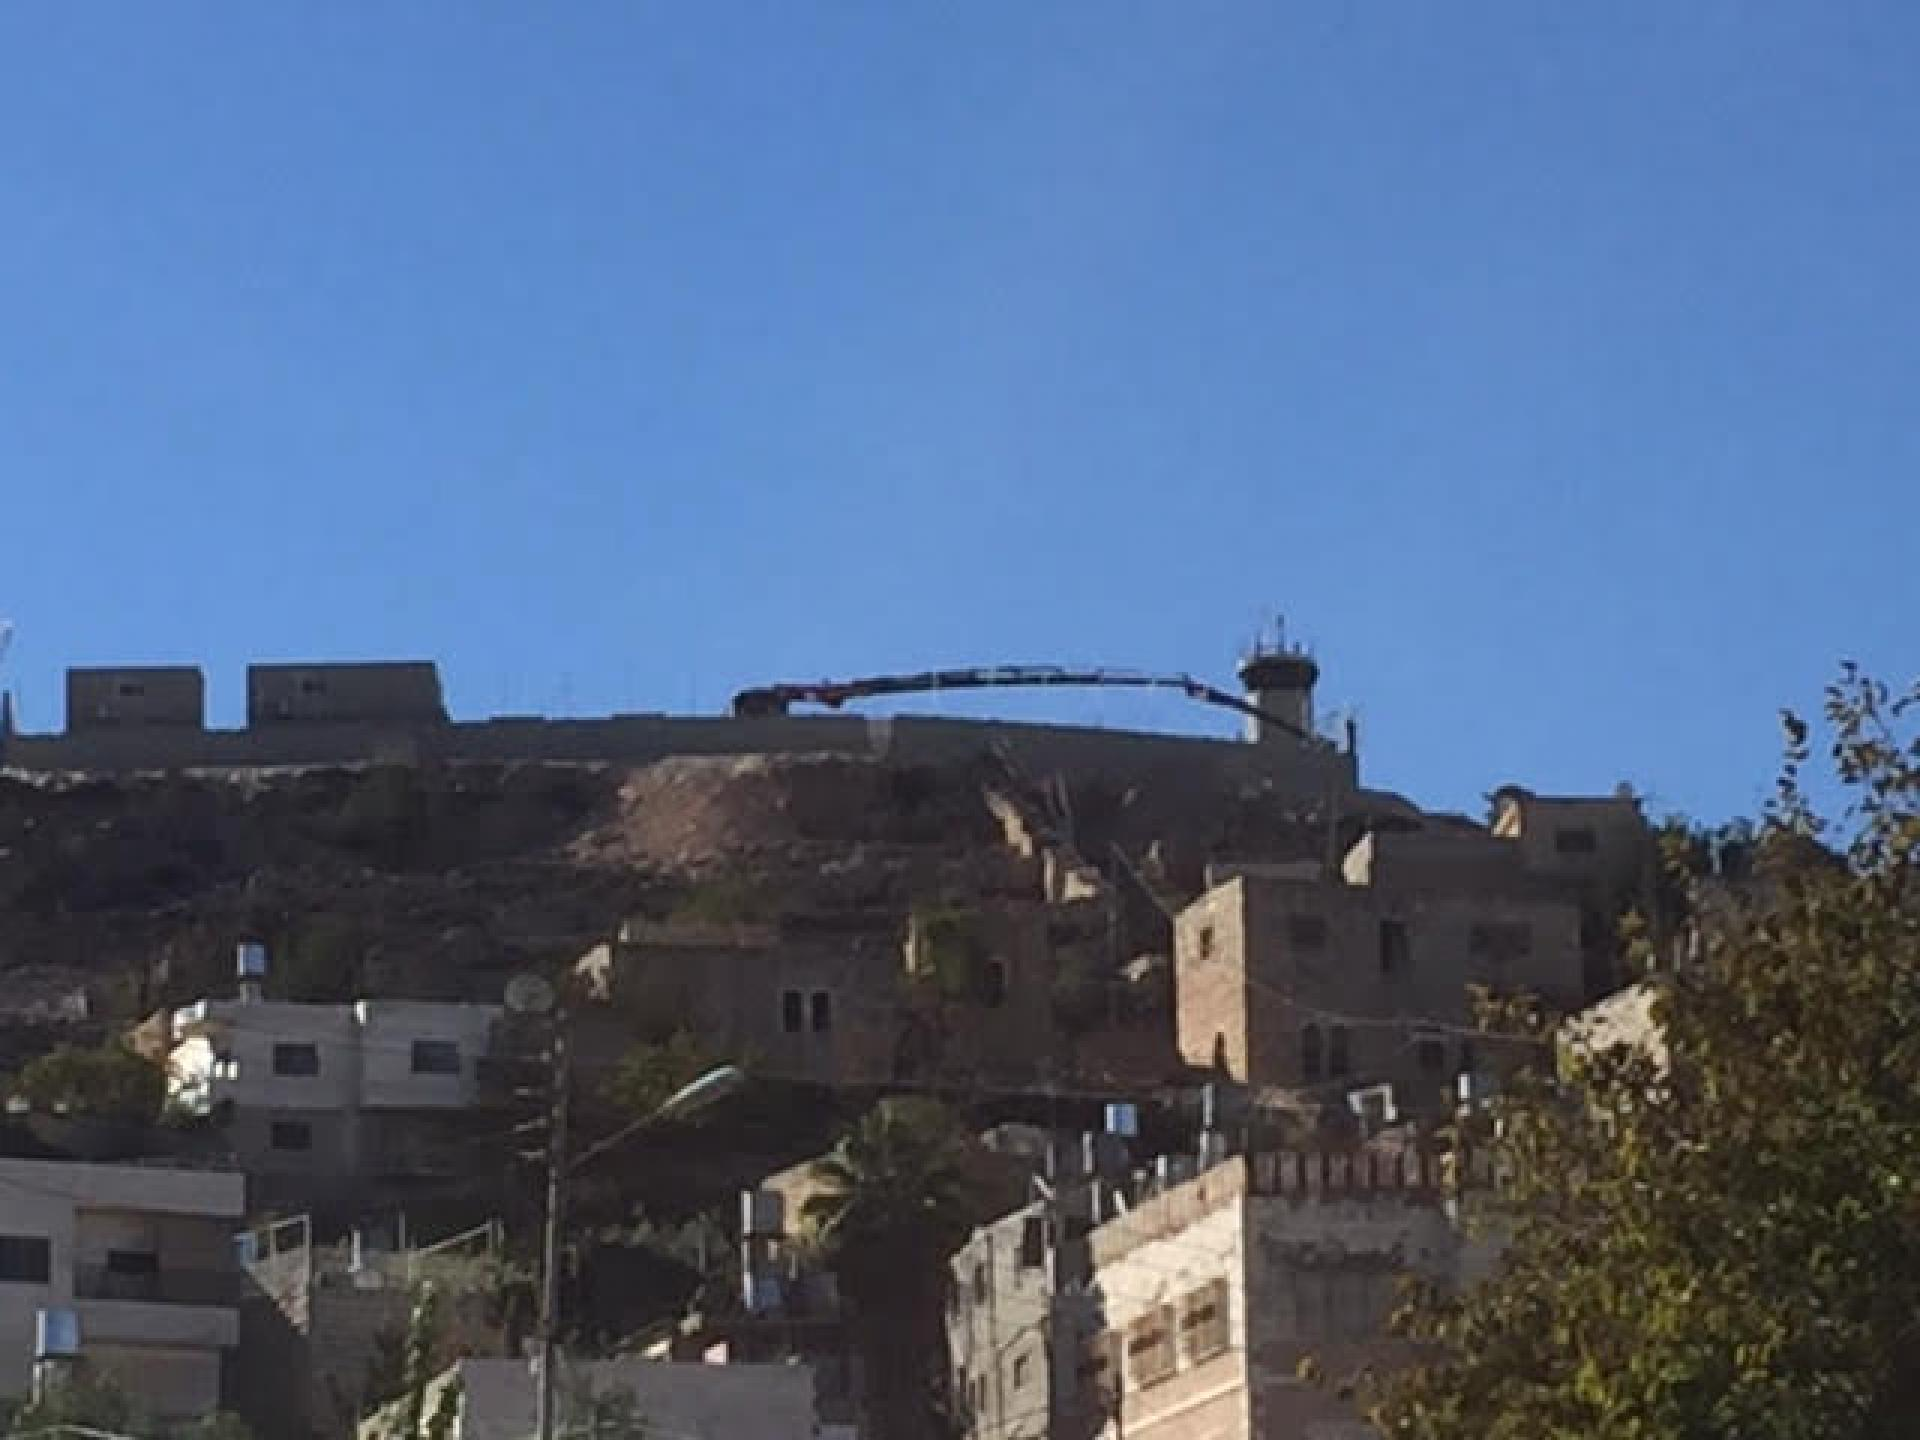 הפילבוקס שמעל שכונת אבו סנאן